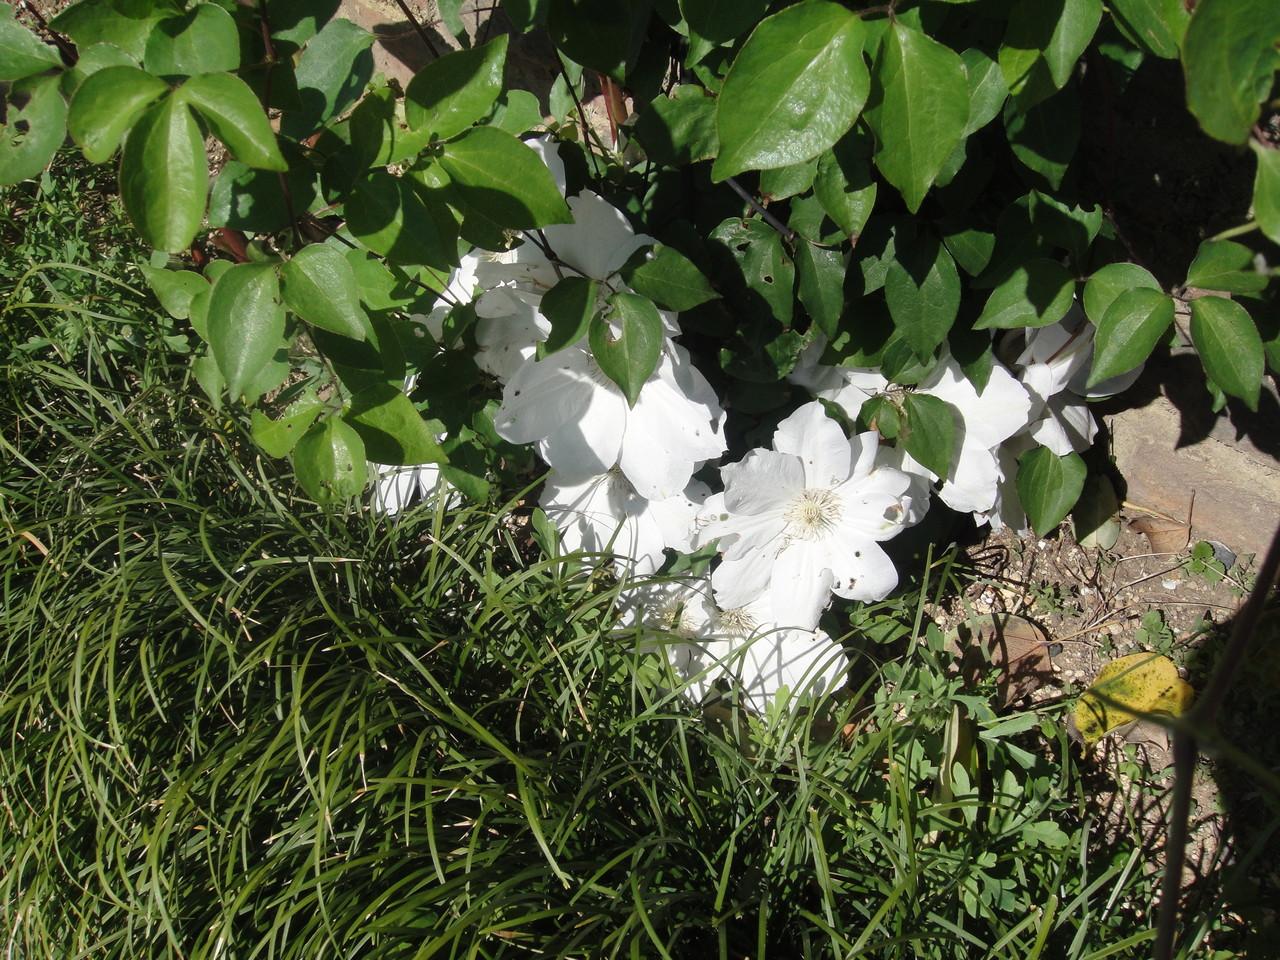 純白の花は、清楚で気品がありますね。